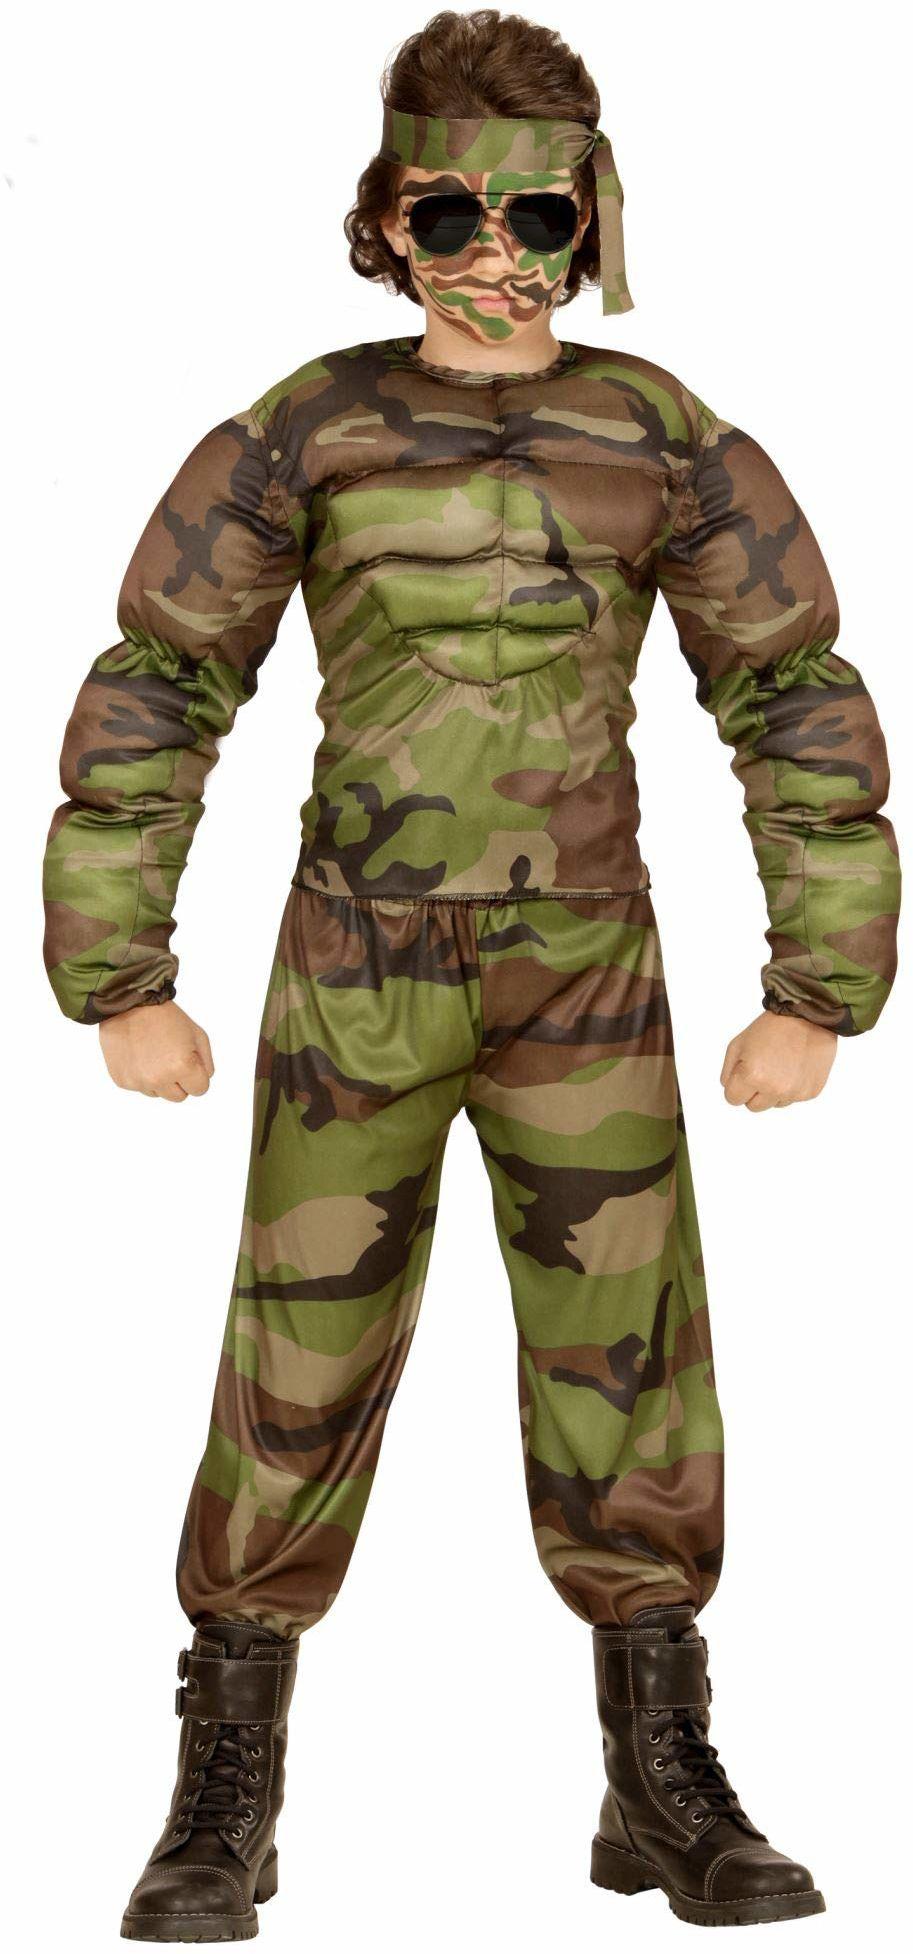 Widmann 00517 - kostium dziecięcy muskulaturalny żołnierz, koszulka mięśni, spodnie i opaska na czoło, zielony